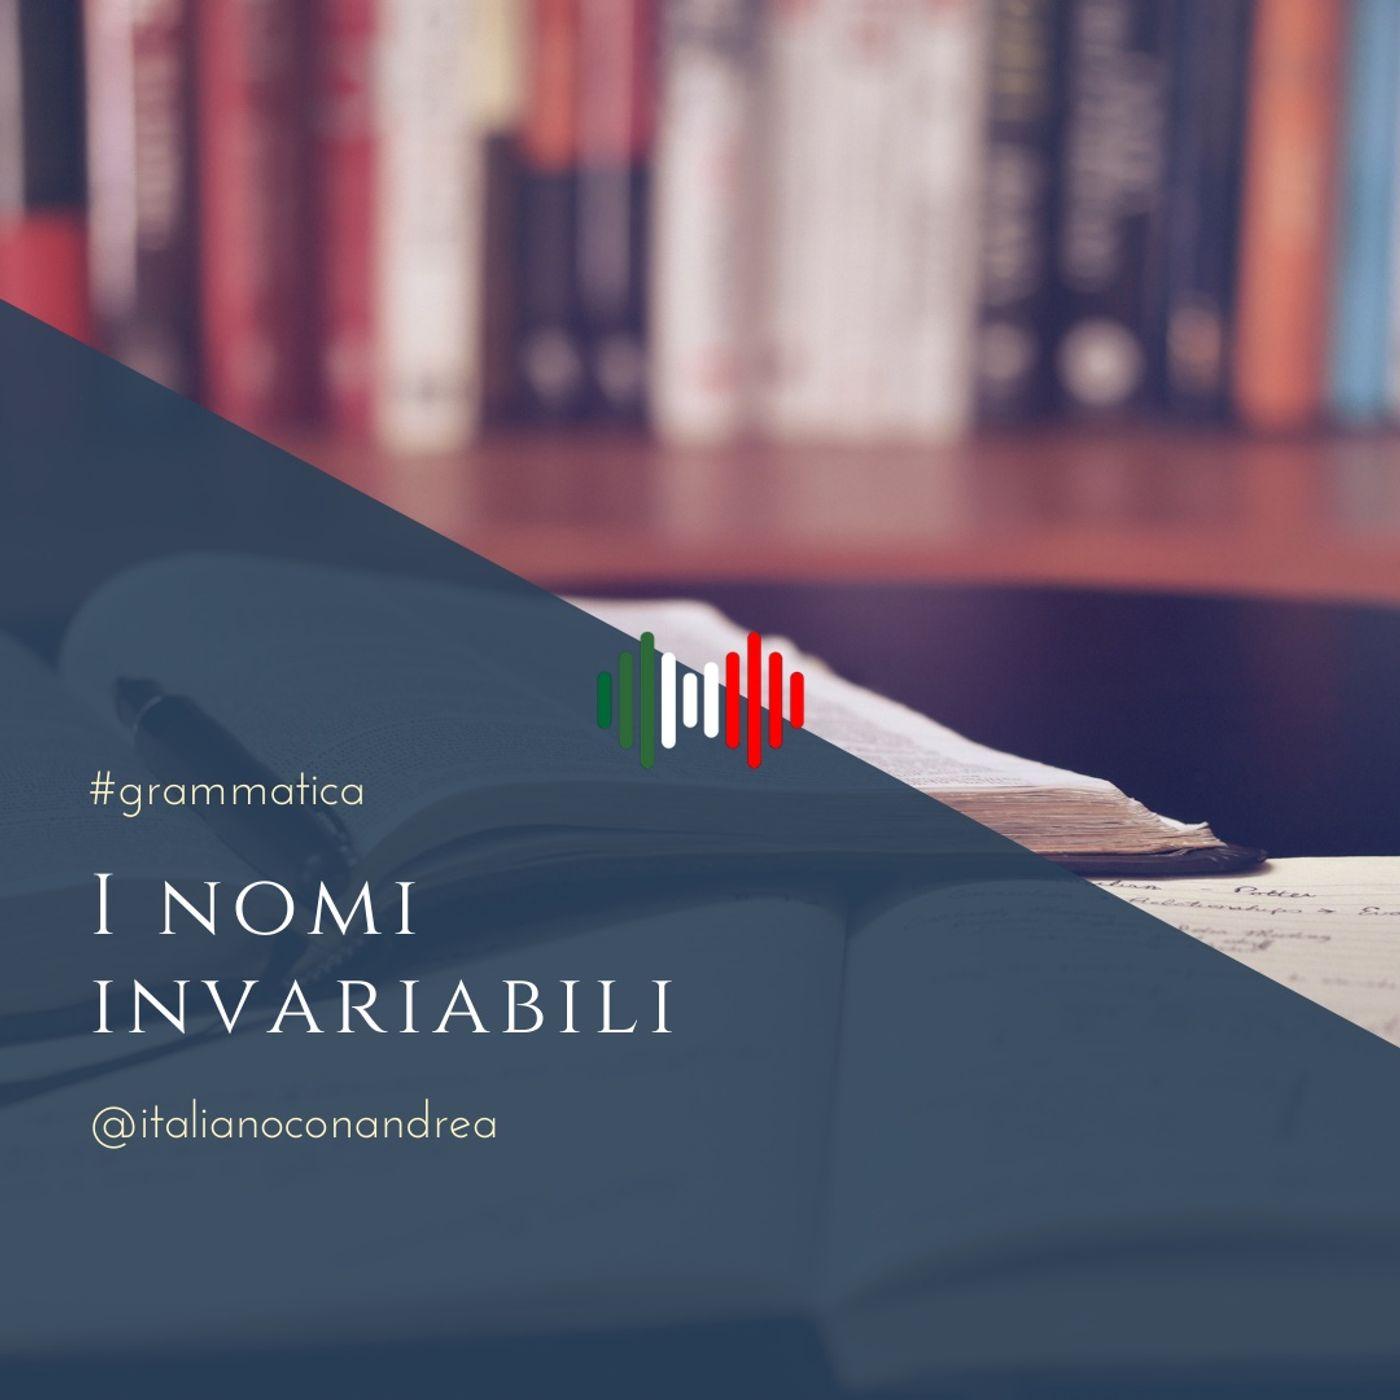 255. GRAMMATICA: Nomi invariabili